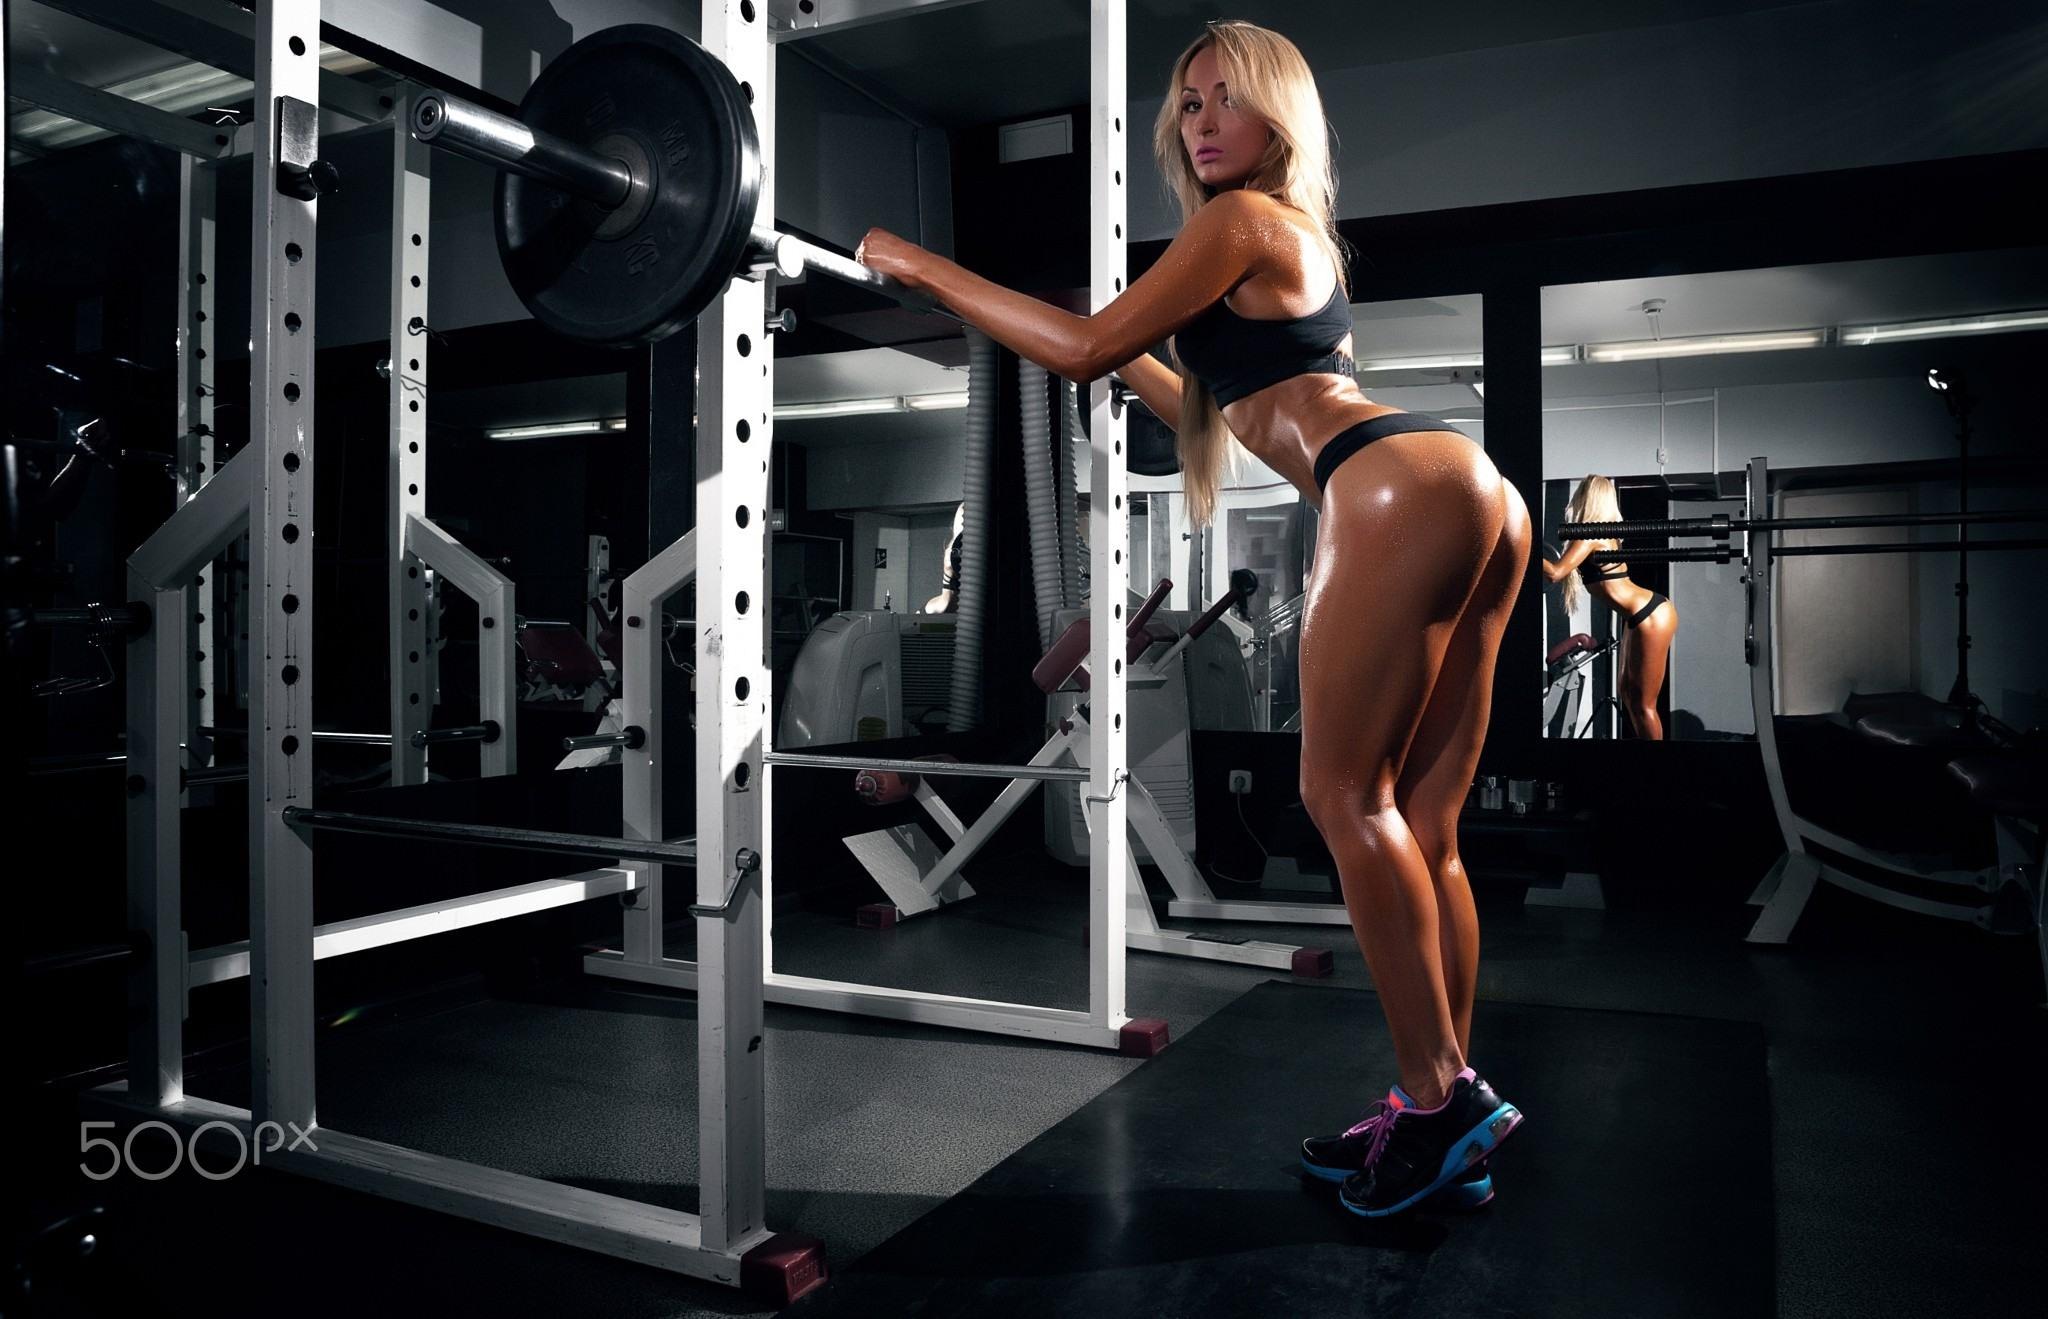 Фото Спортивная девушка с шикарной фигурой в тренажерном зале, штанга, блестящие ножки, упругая попка, скачать картинку бесплатно